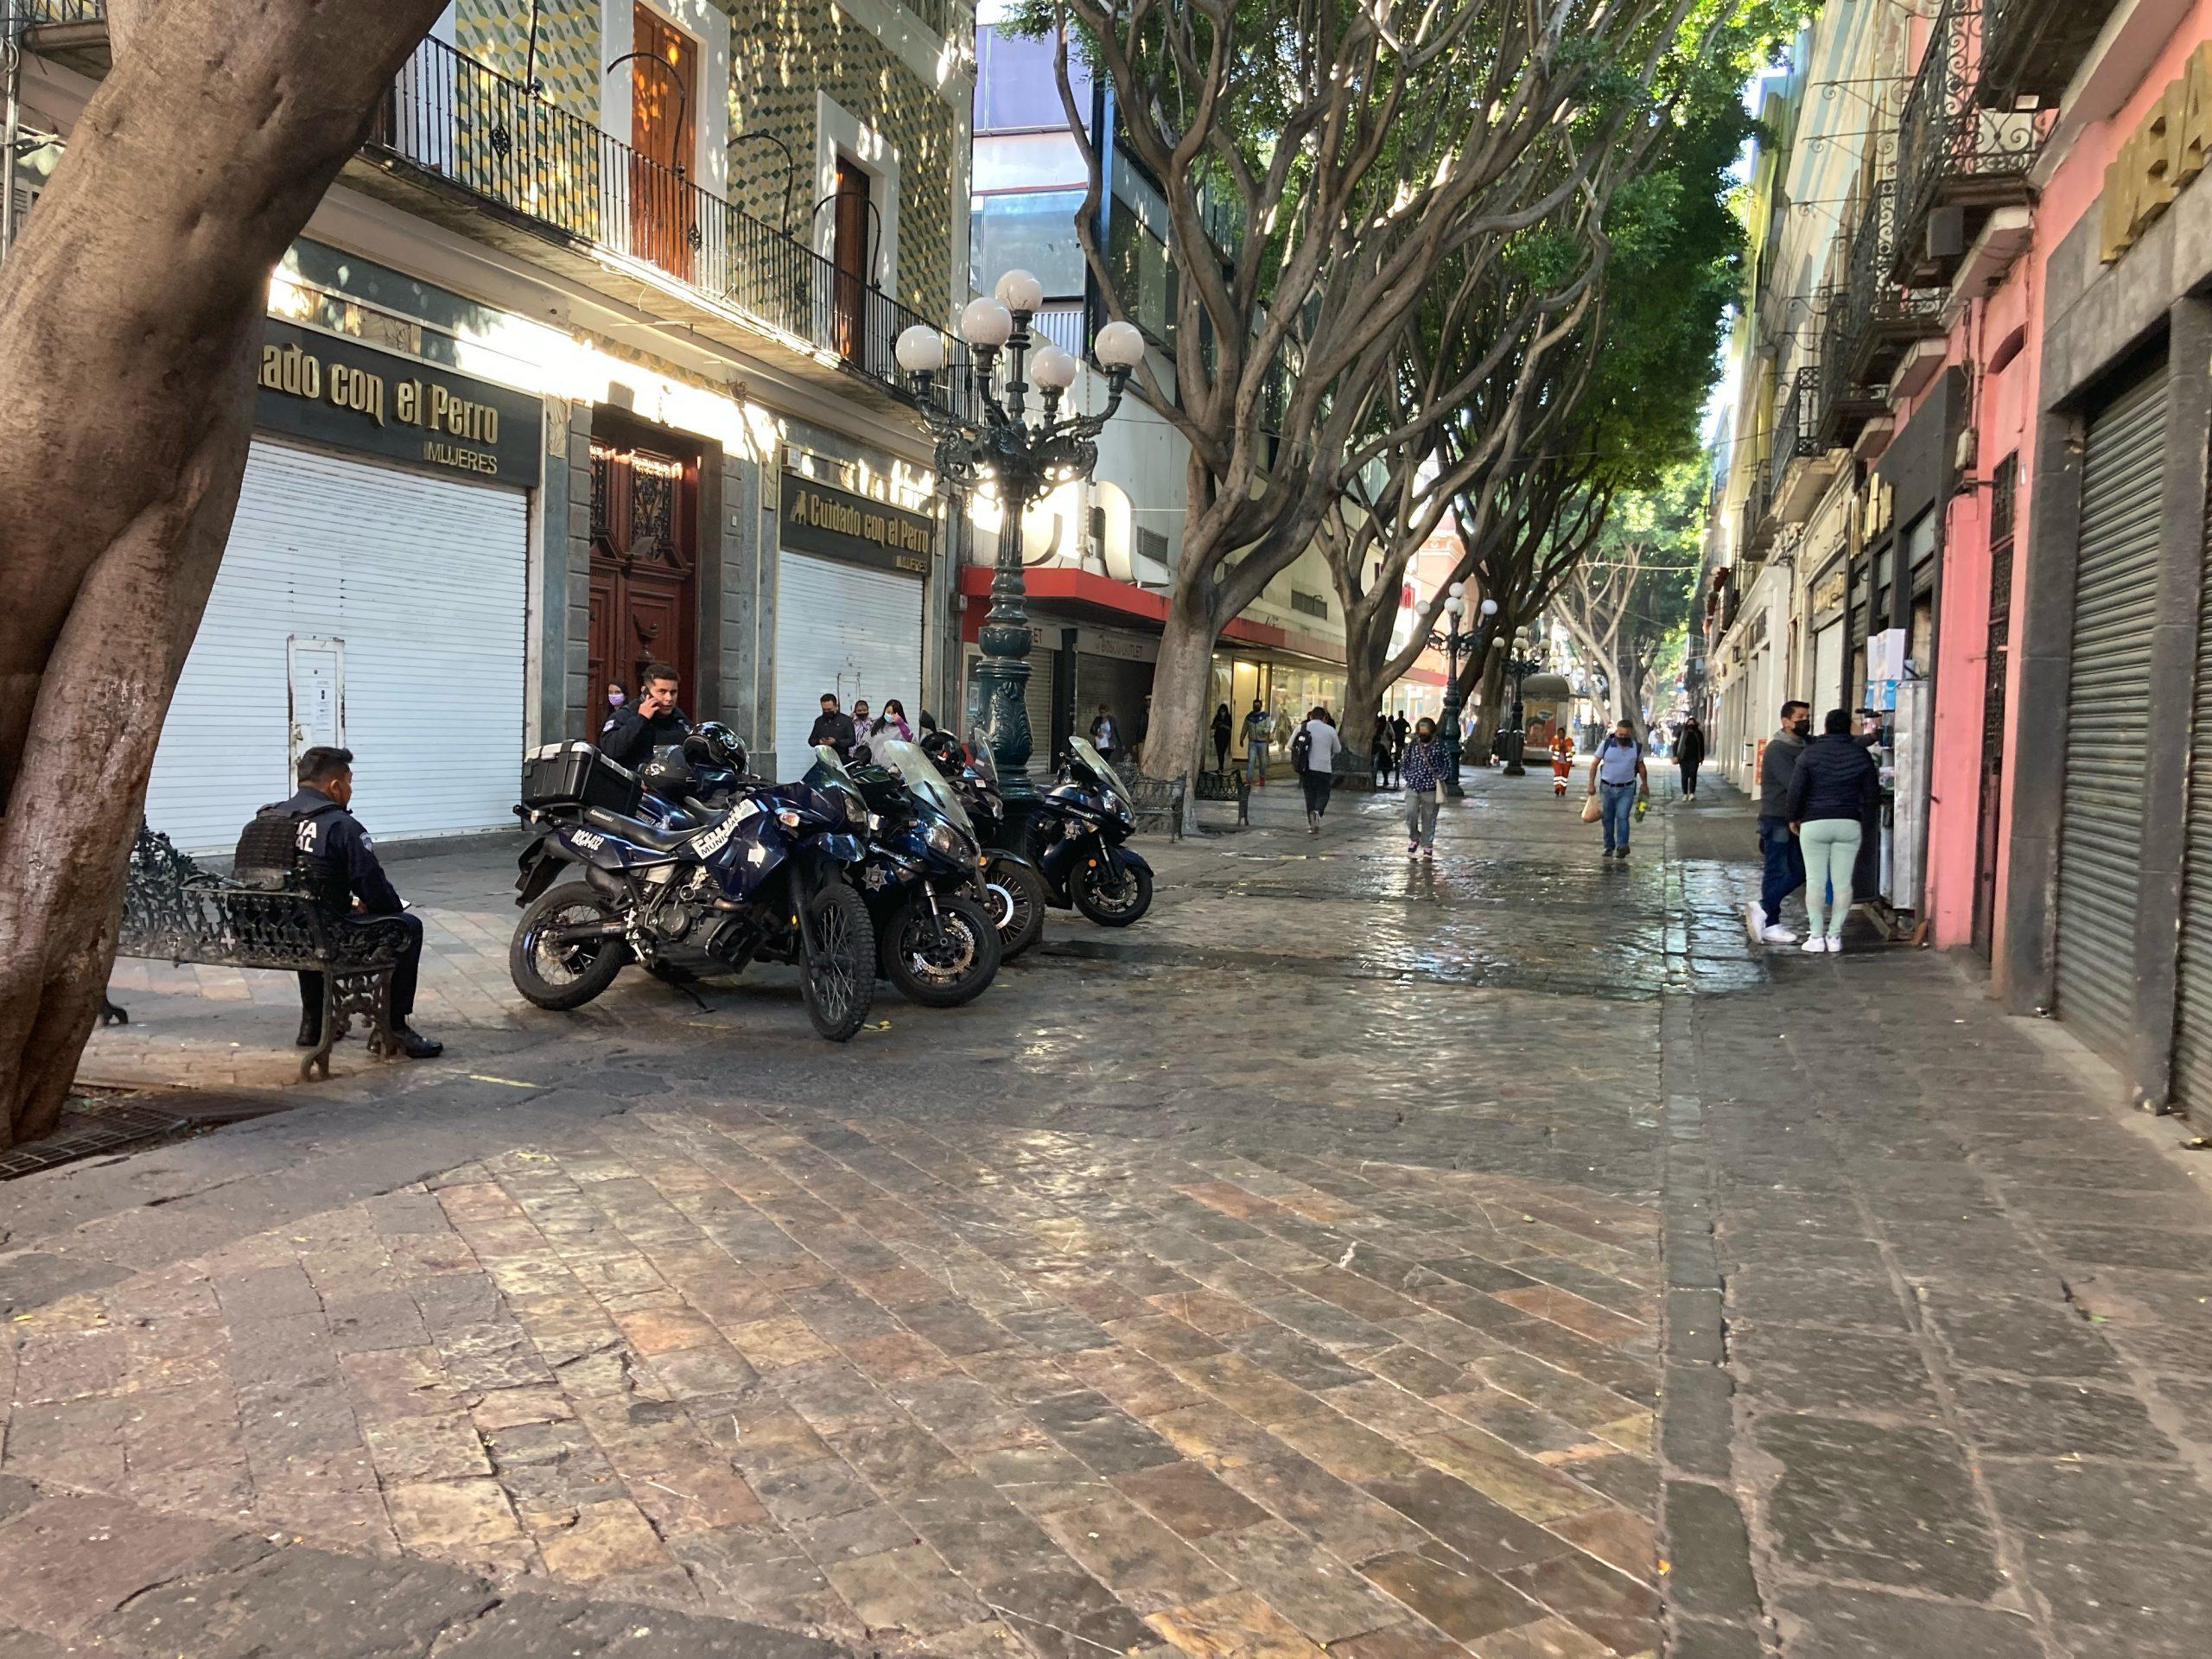 Cero ambulantes en centro de la ciudad de Puebla por tres días